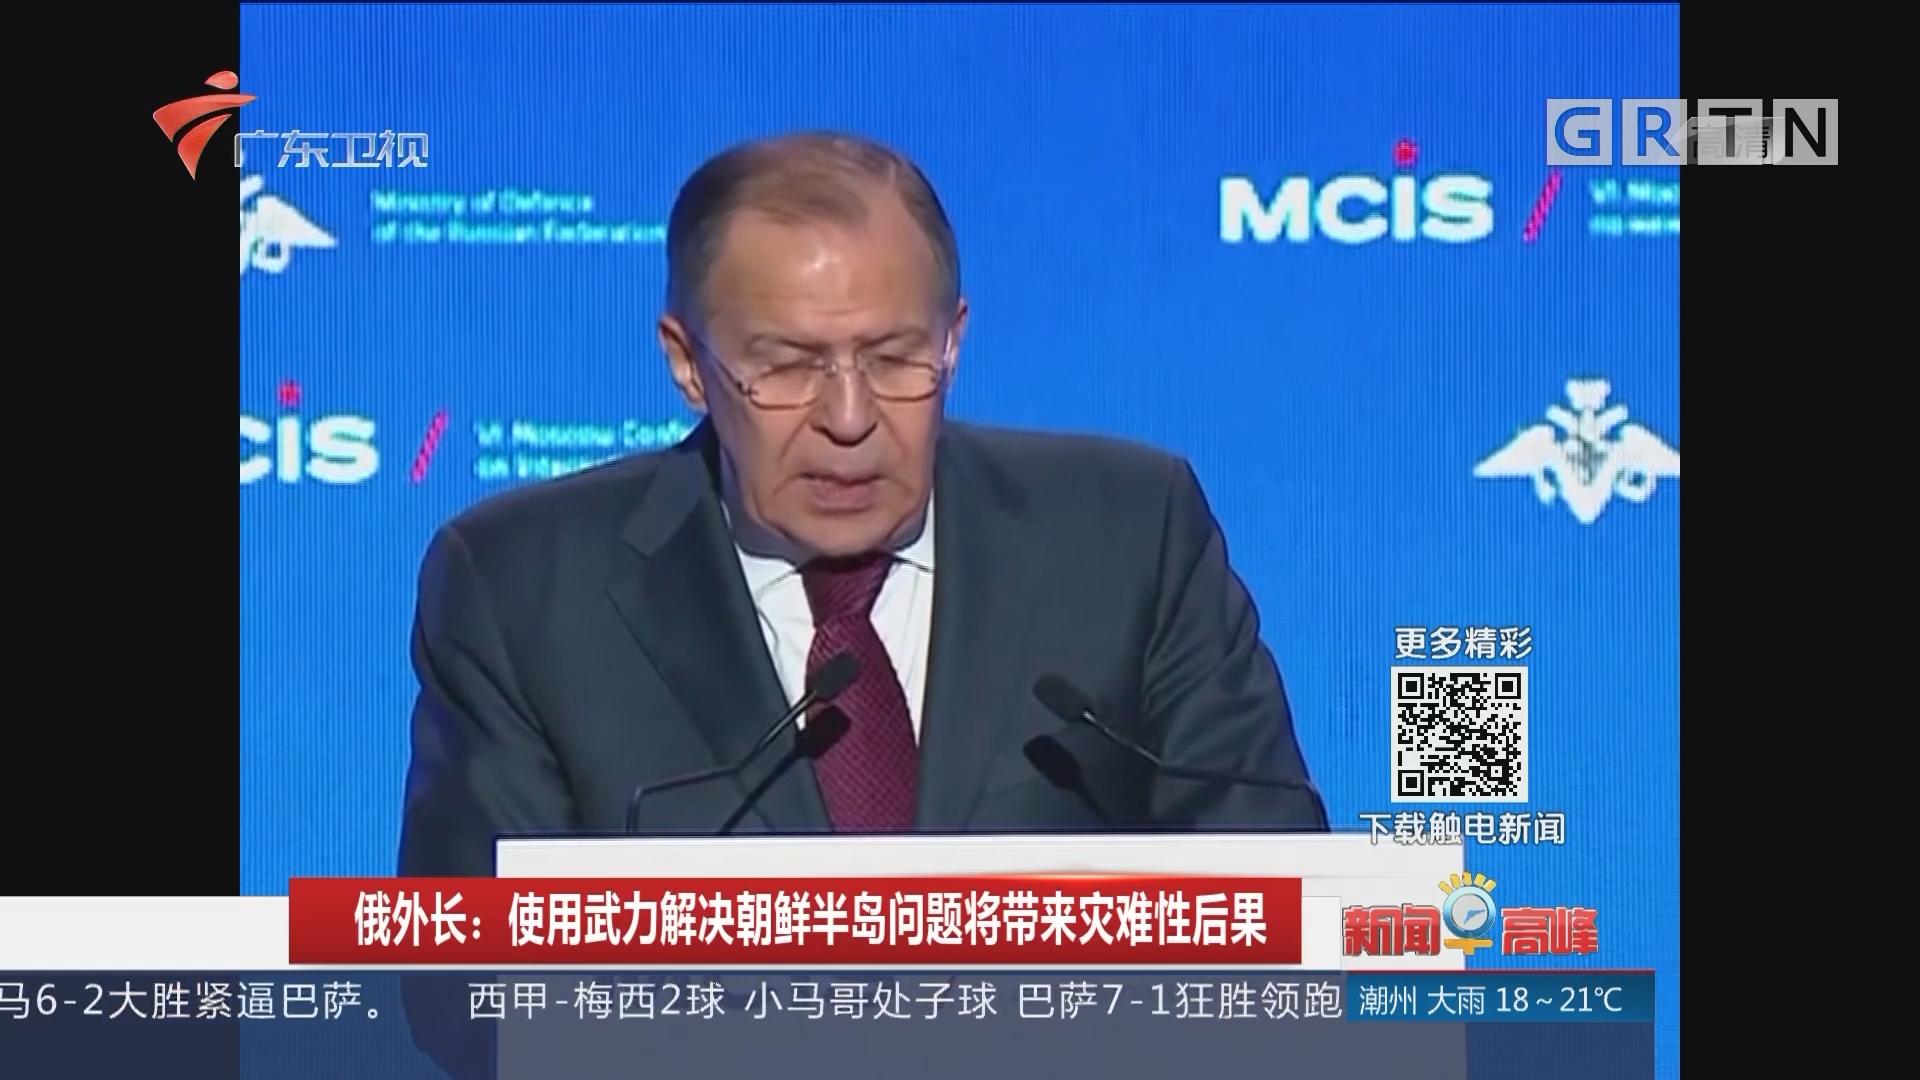 俄外长:使用武力解决朝鲜半岛问题将带来灾难性后果